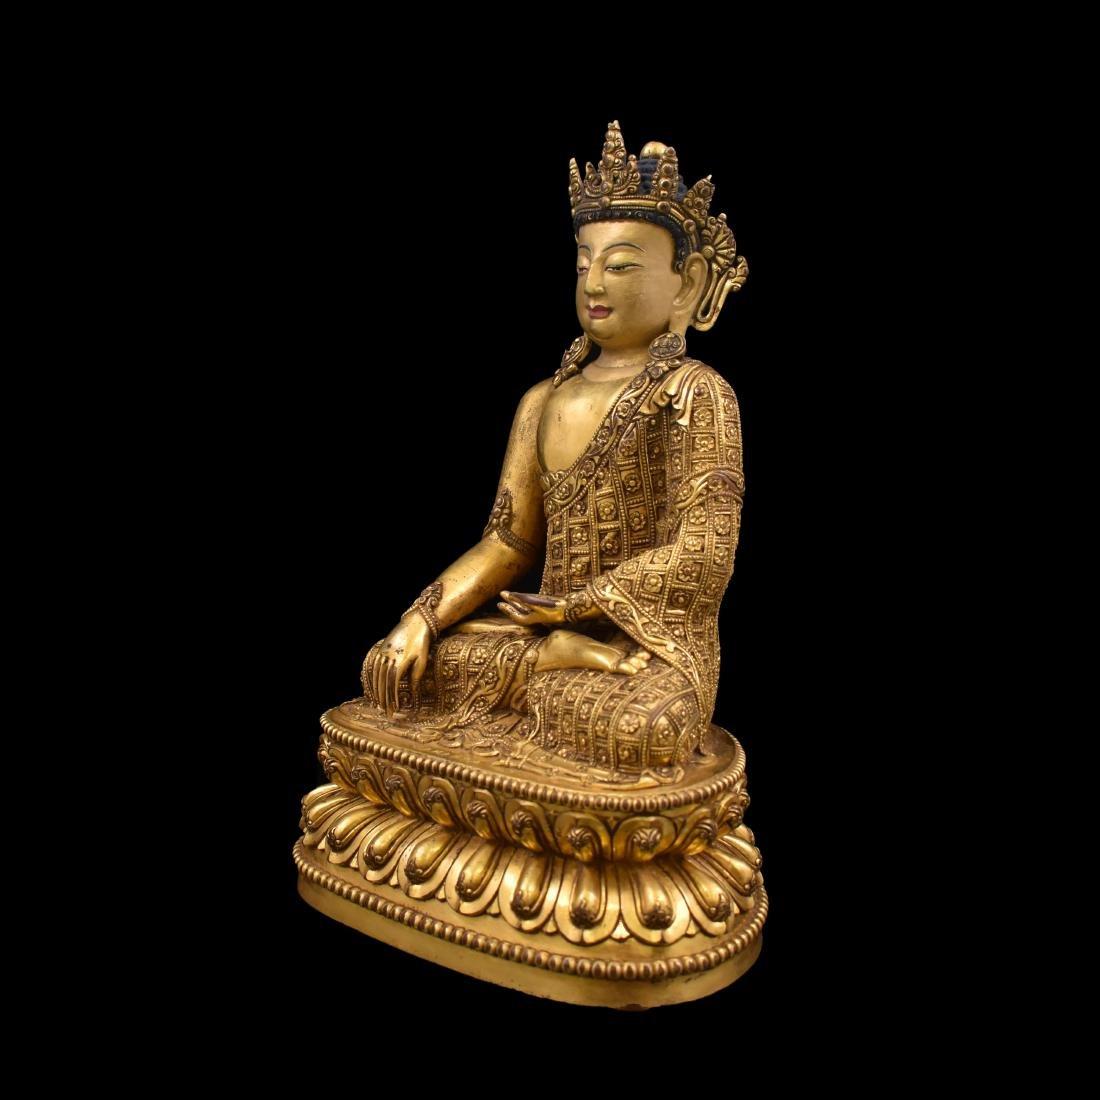 MING YONGLE GILT BRONZE CROWNED SHAKYAMUNI BUDDHA - 15